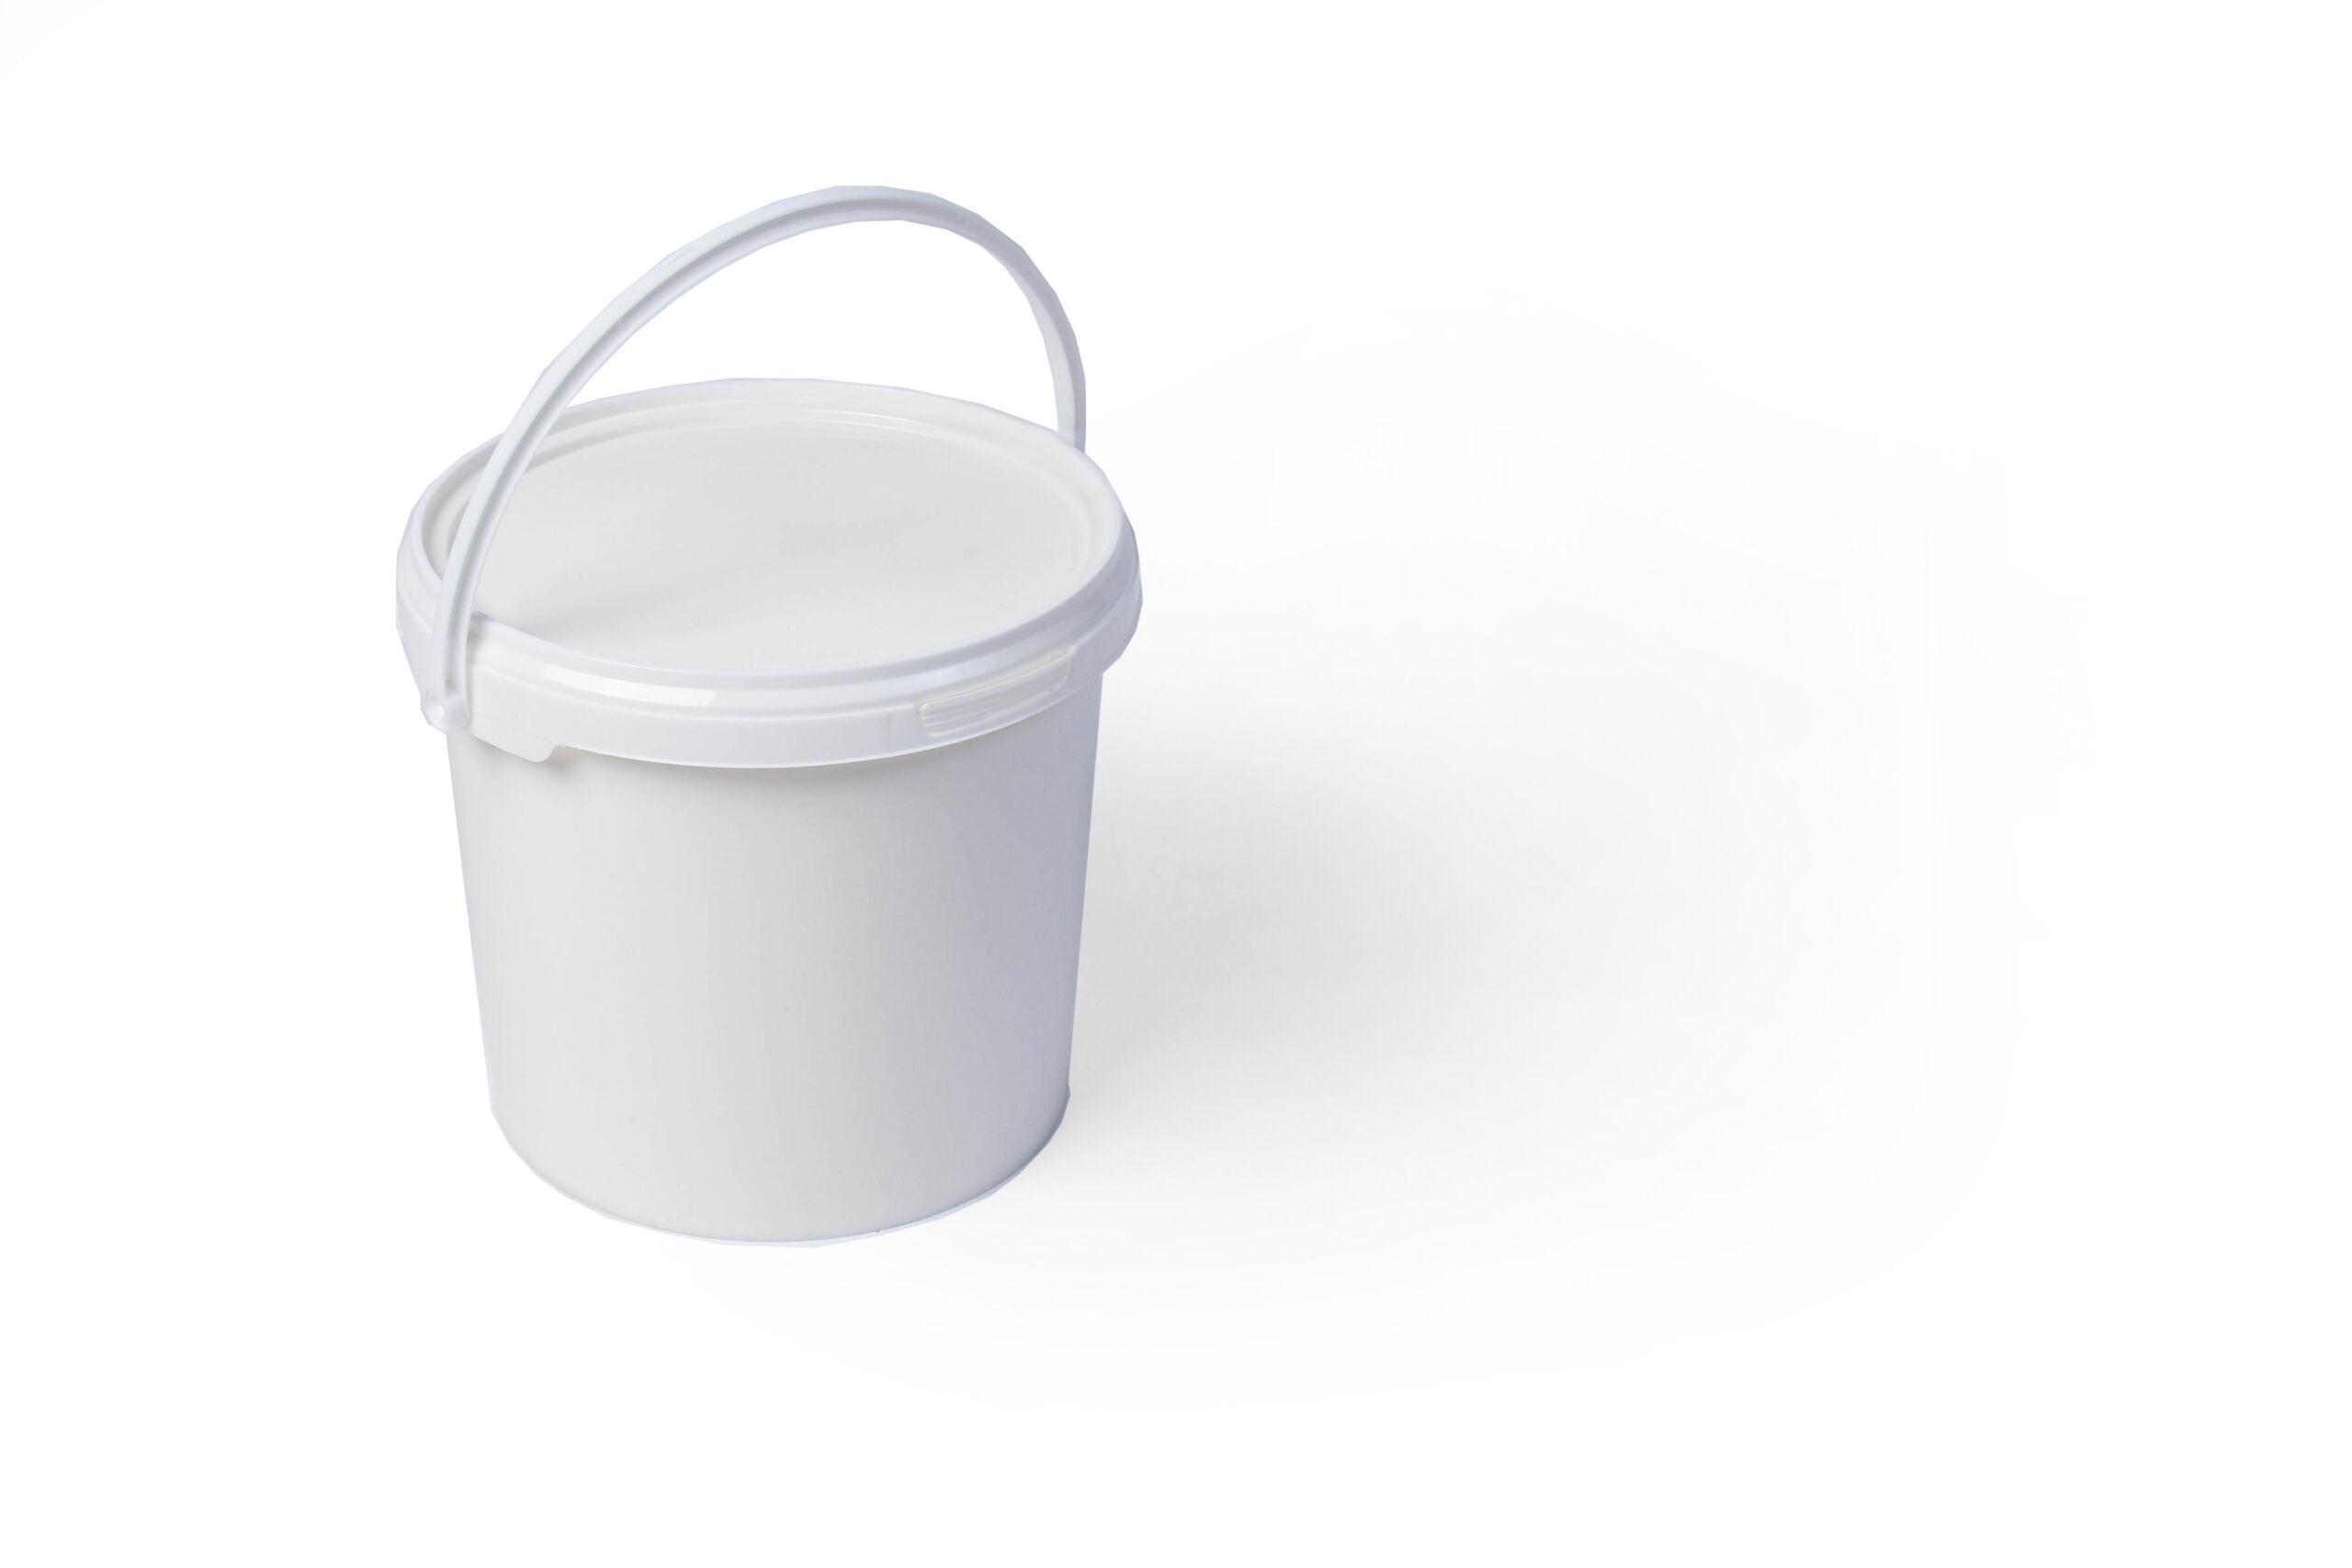 DSC_2351 Joghurt Saurer Halbrahm 2500gr Kopie